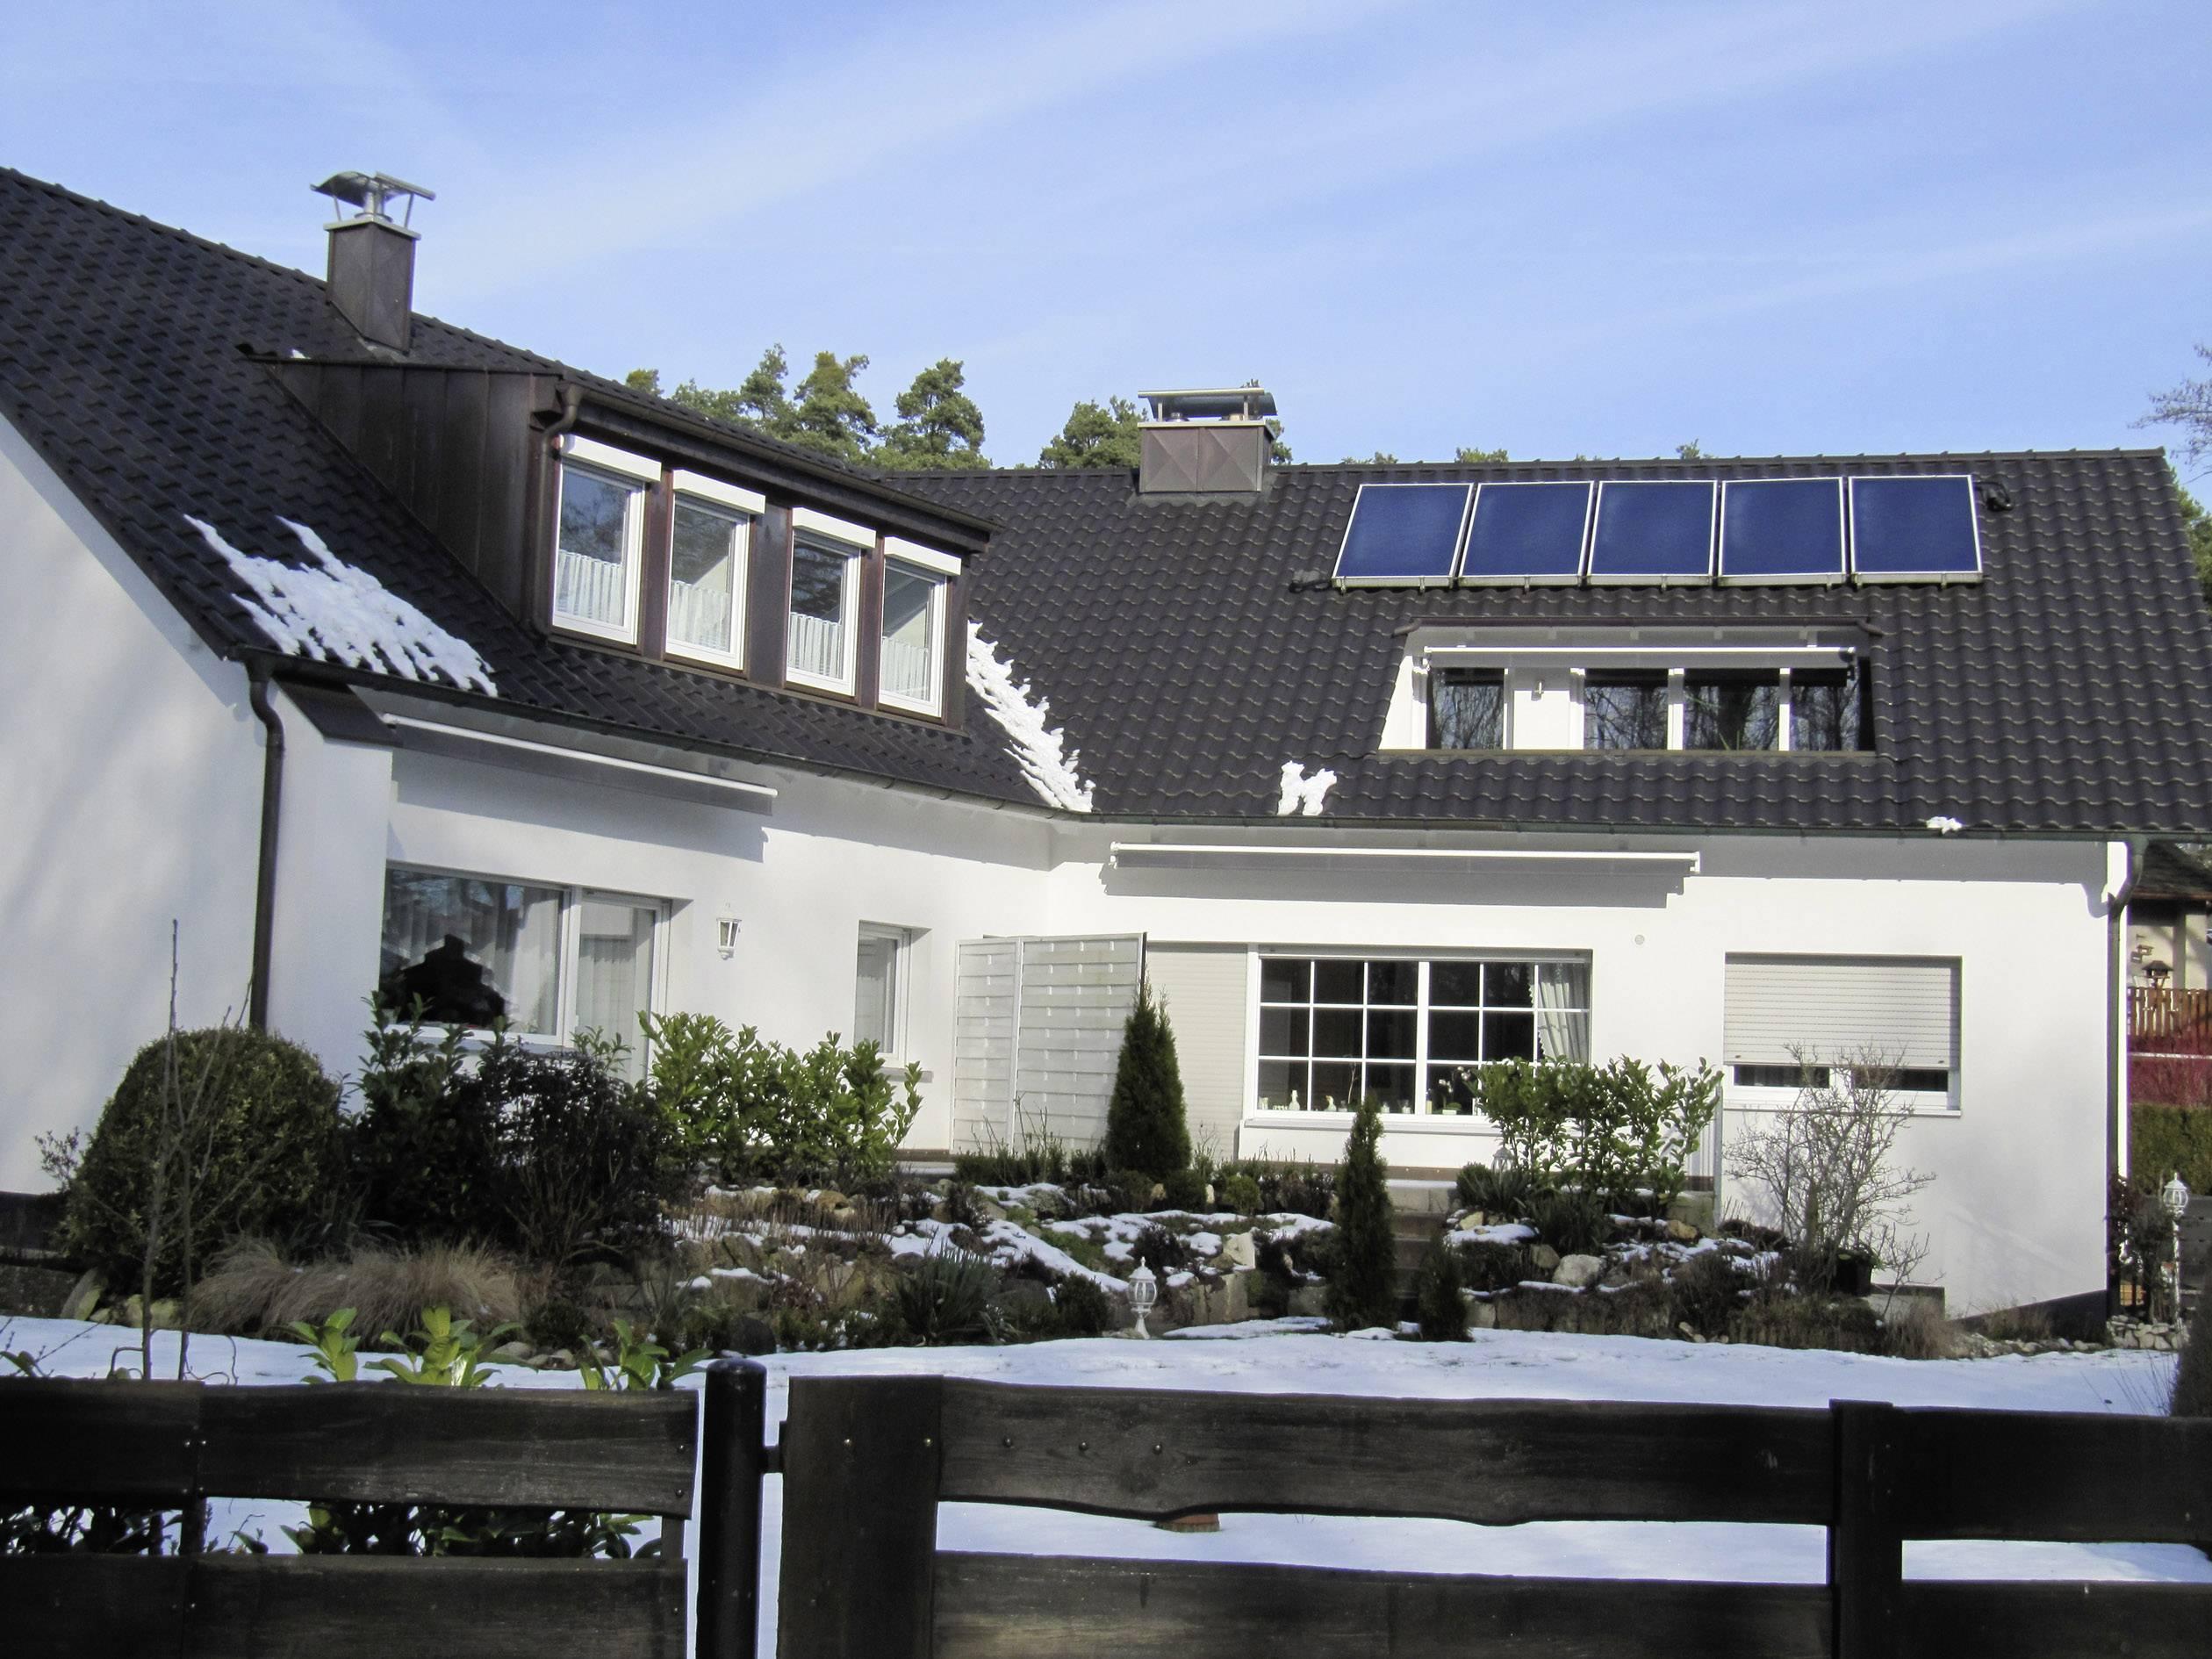 Thermische-Solaranlage SUN 12 HZ ... 3004 Kollektor-Fläche 12,55 m²